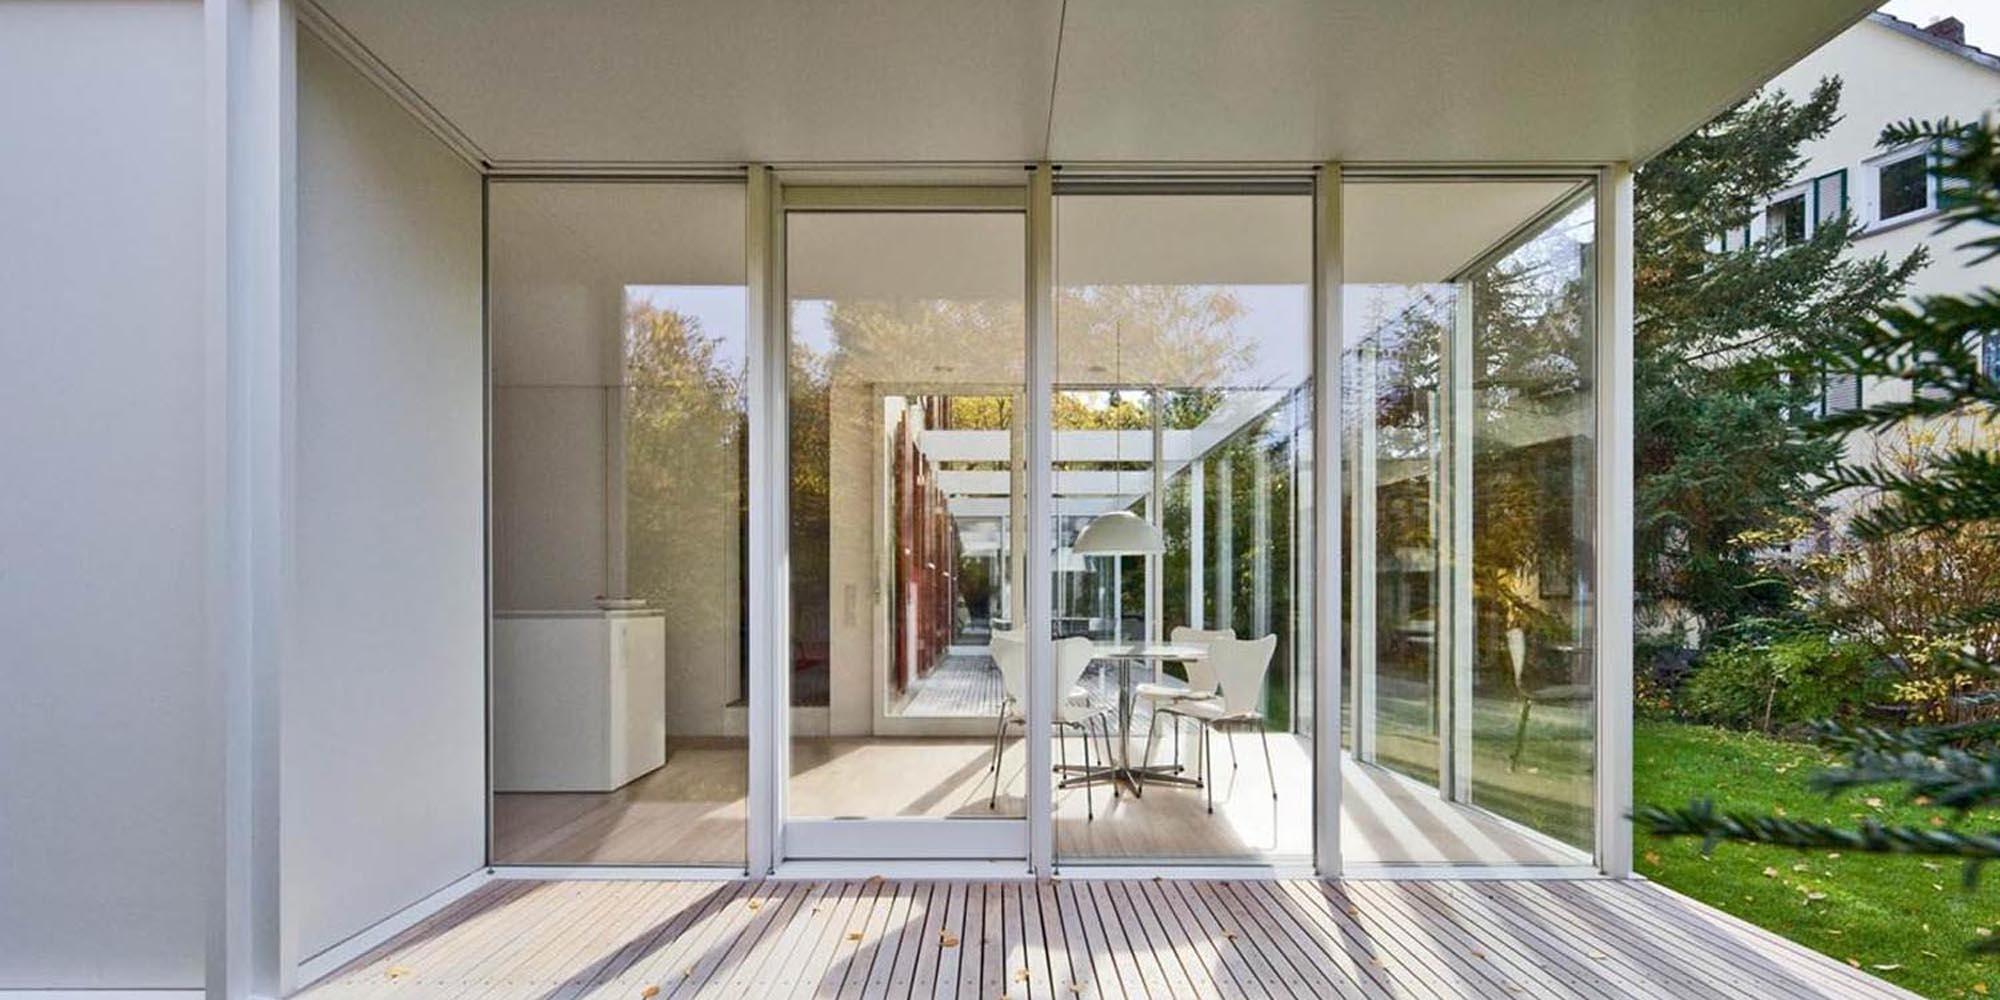 architektursommer rhein main wie architekten wohnen waechter waechter architekten bda. Black Bedroom Furniture Sets. Home Design Ideas